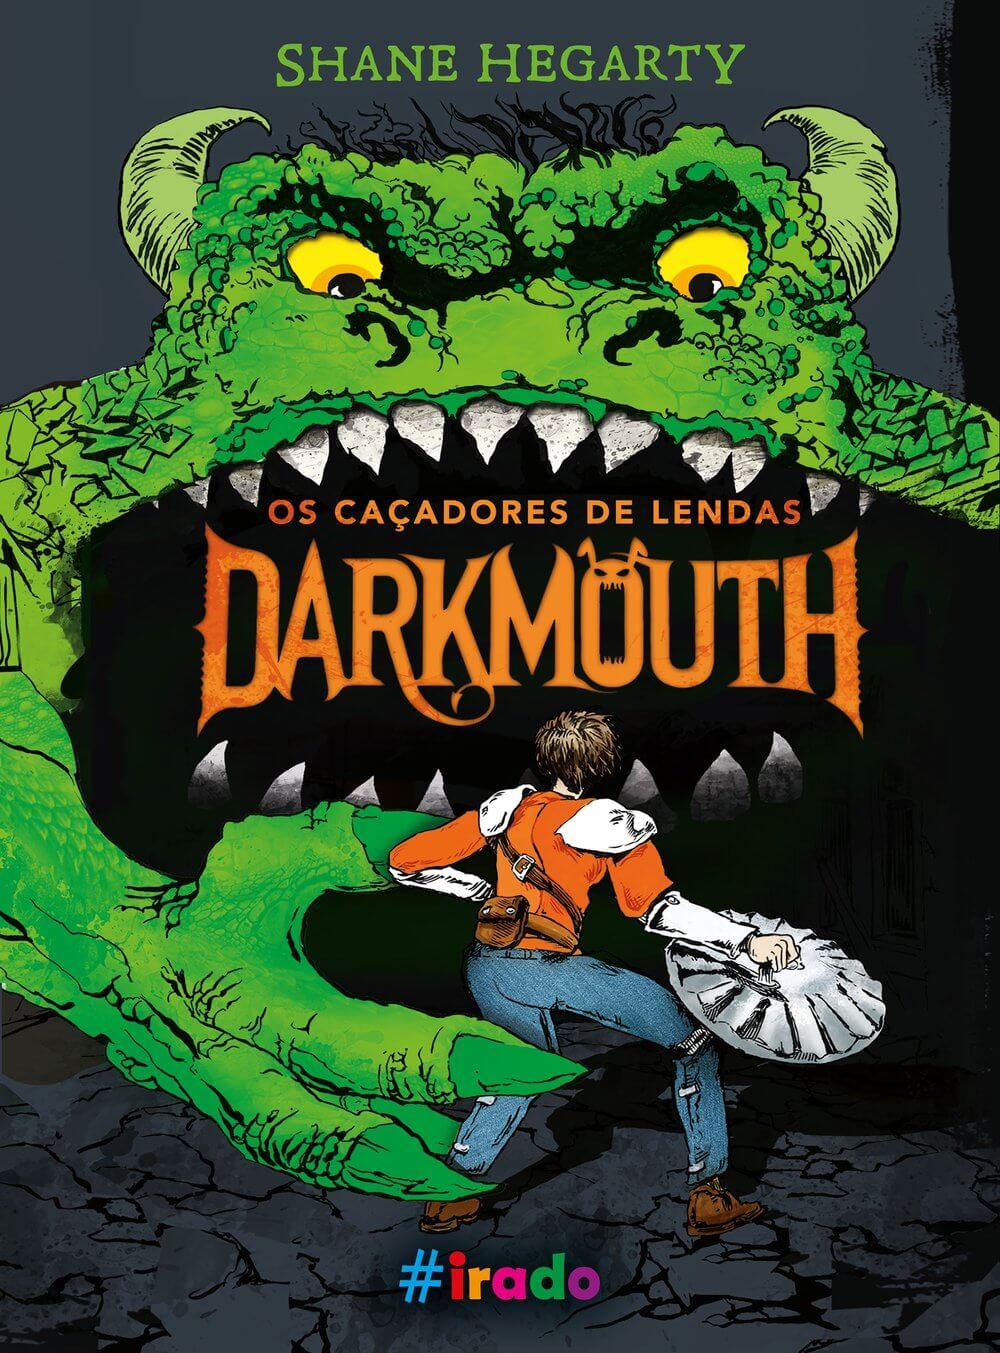 darkmouth_Livro 1